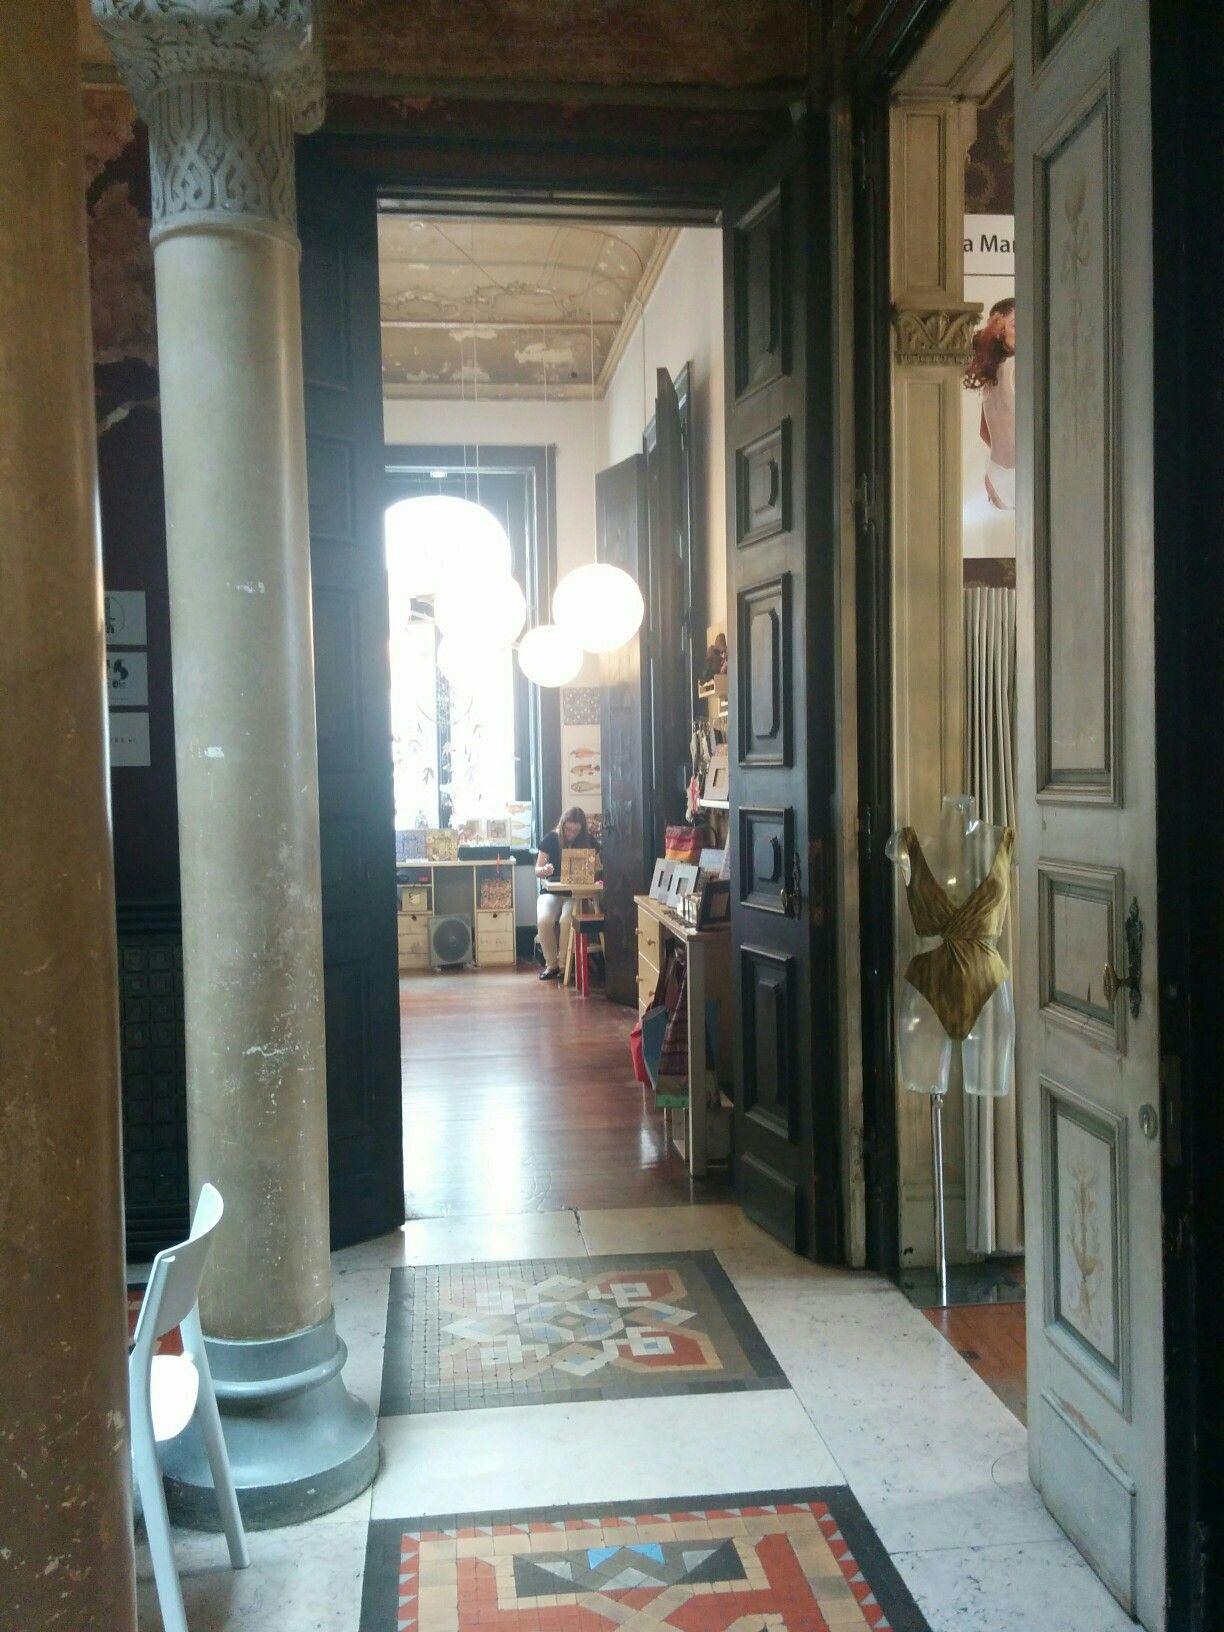 EMBAIXADALX Tolles altes Gebäude restauriert aber Ausgefallen!  Es sind schöne Geschäfte und Popup Shops in den einzelnen Räumen die früher Zimmer waren! Mit Stuck an der Decke und tollen Holzböden!